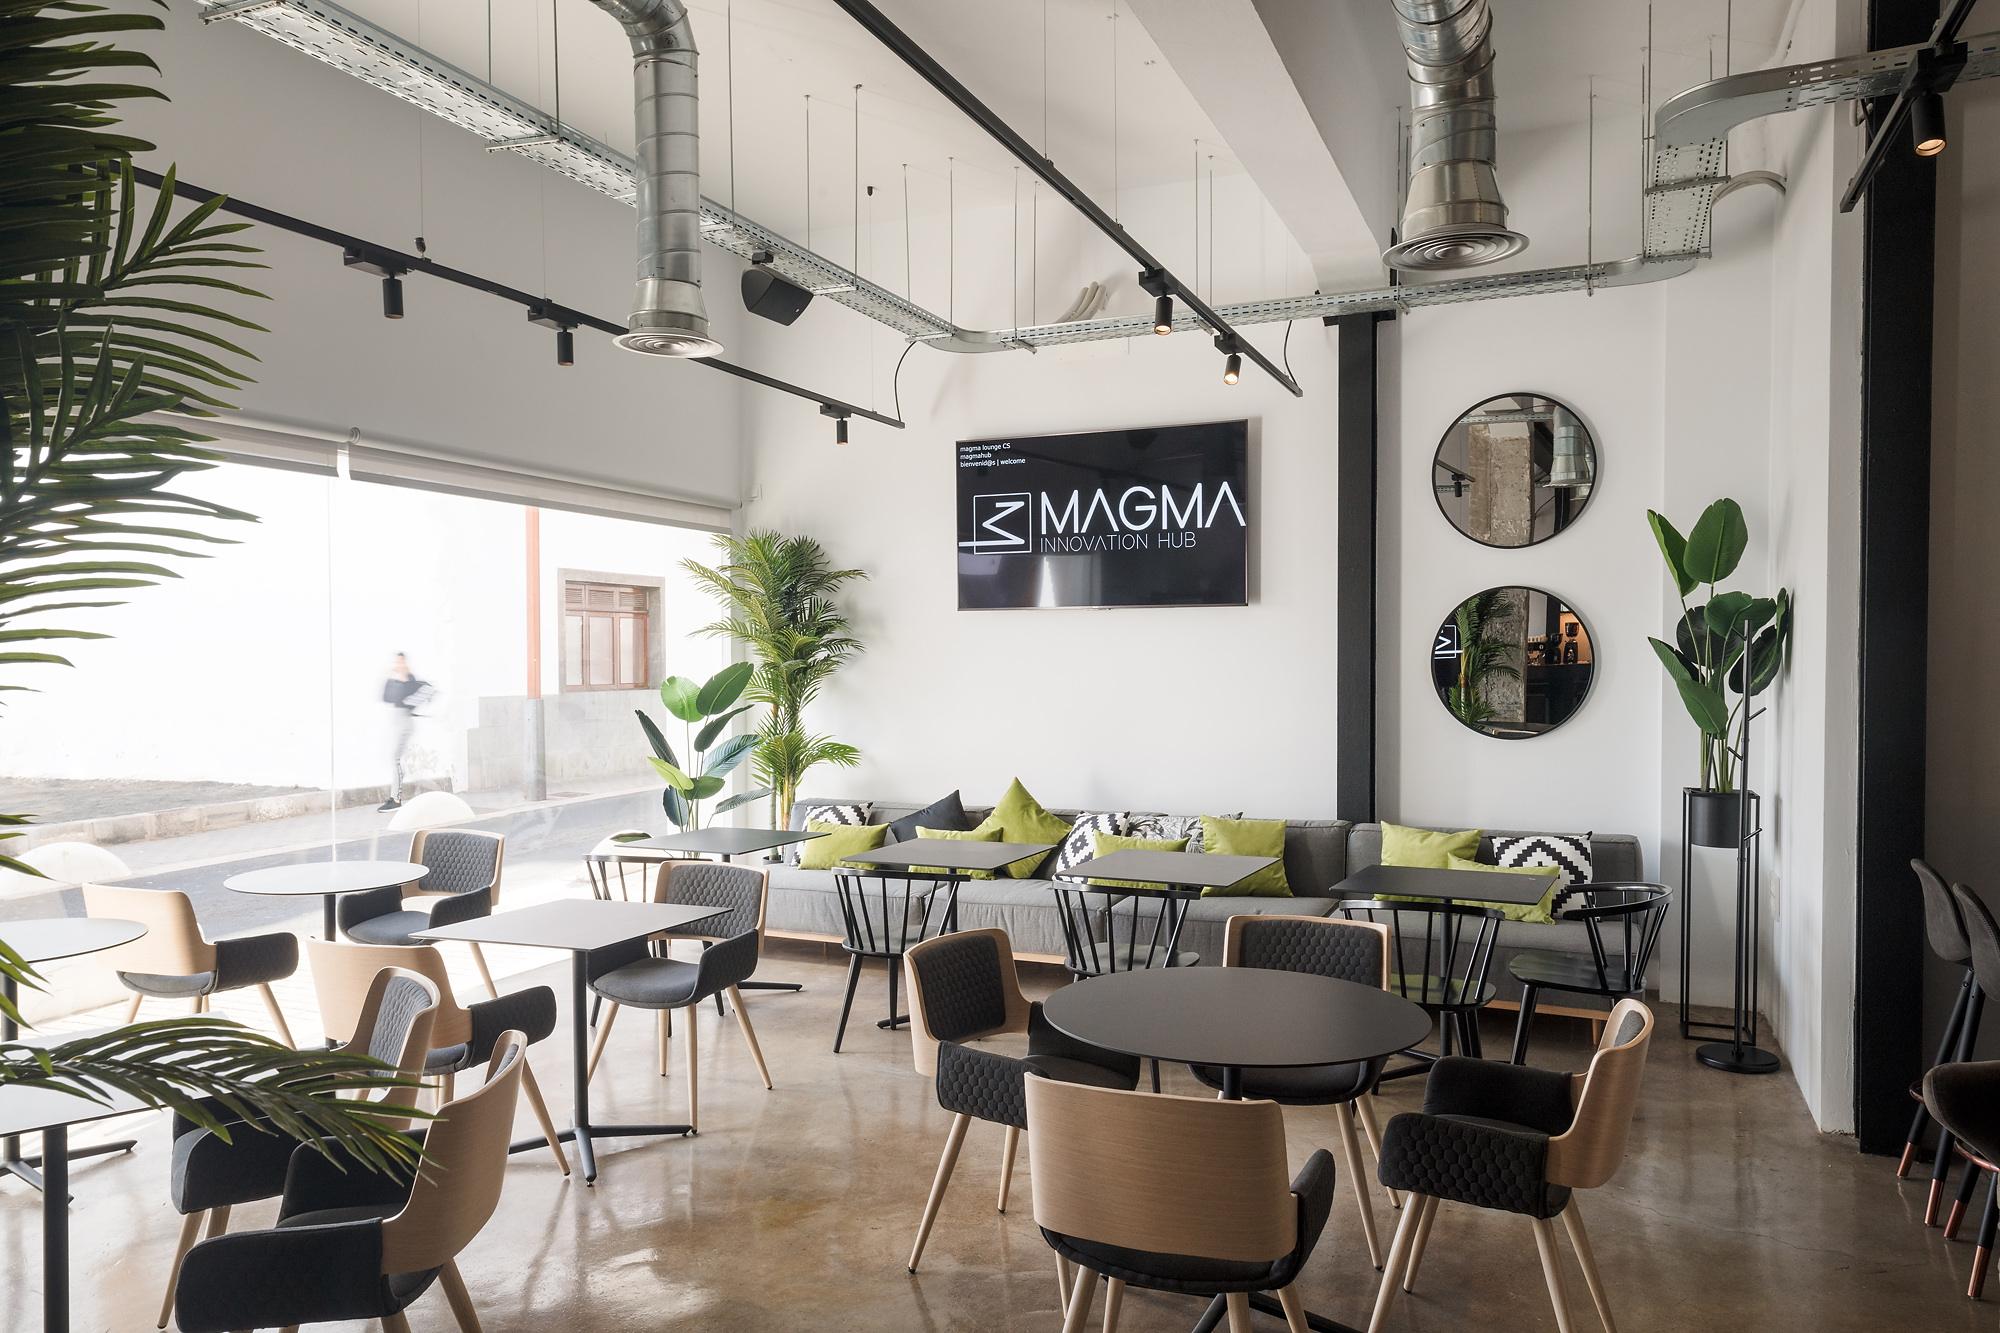 Magma, un espacio de coworking único con la última tecnología.